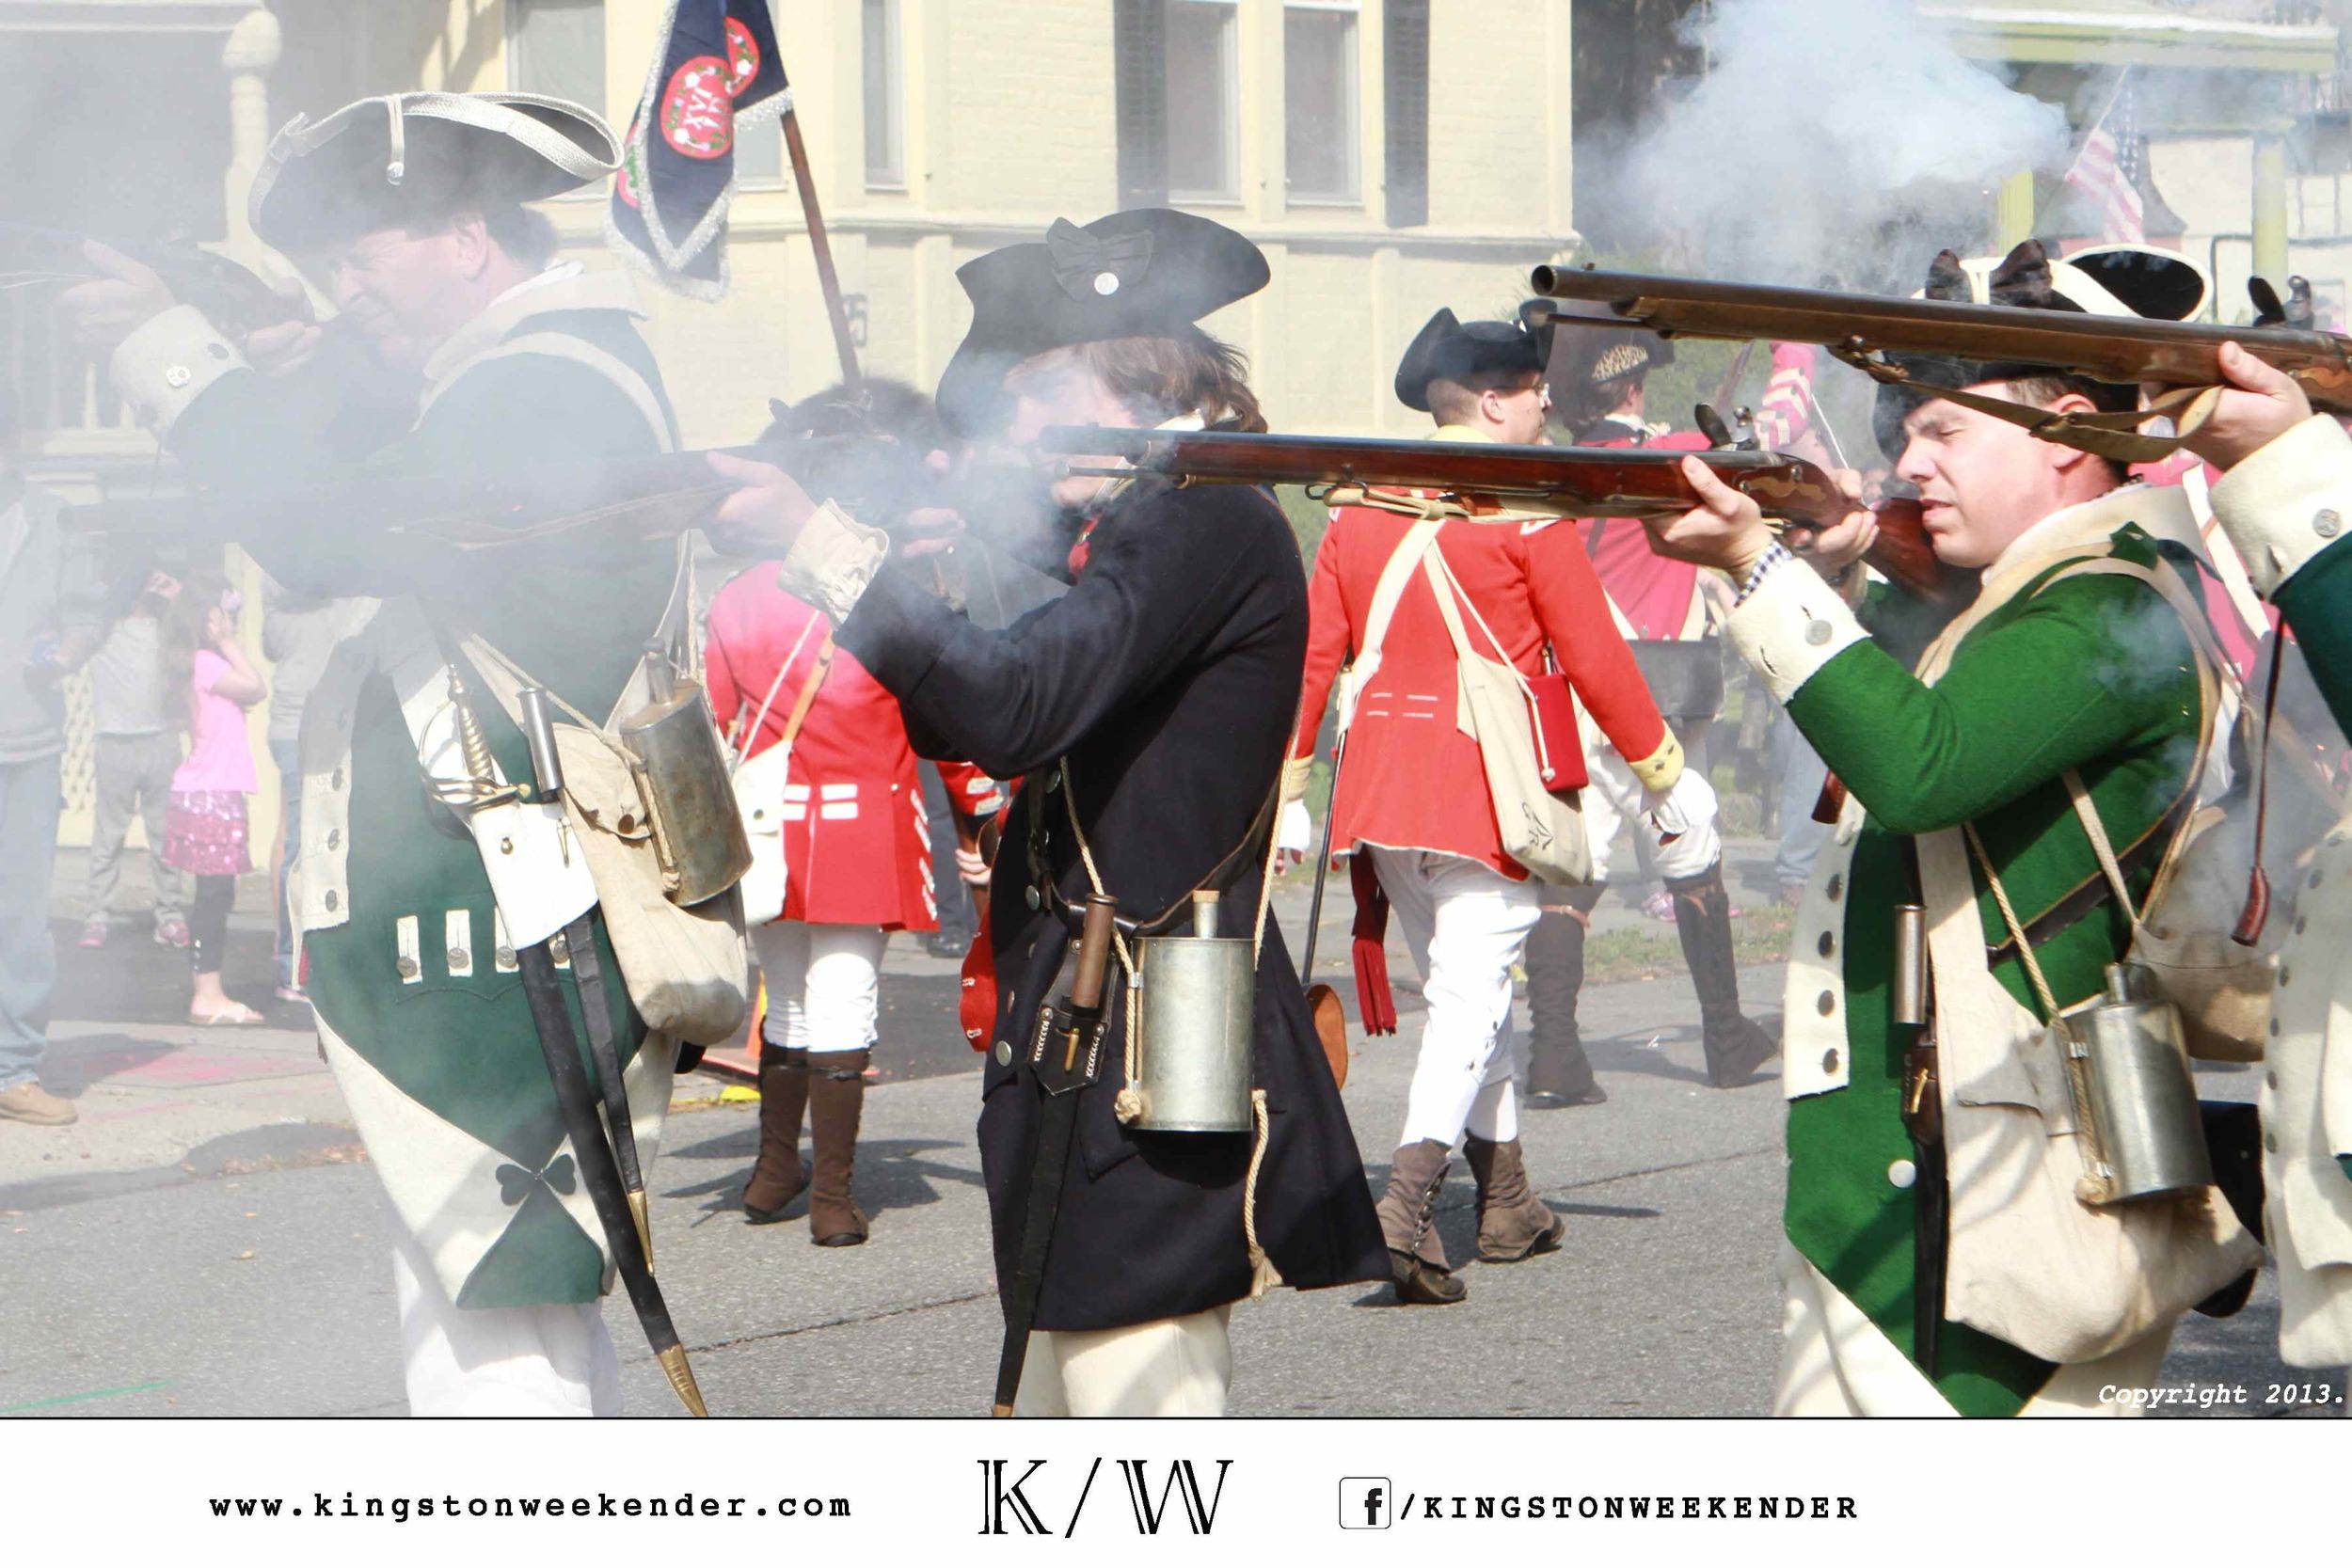 kingston-weekender-photo-credits14.jpg